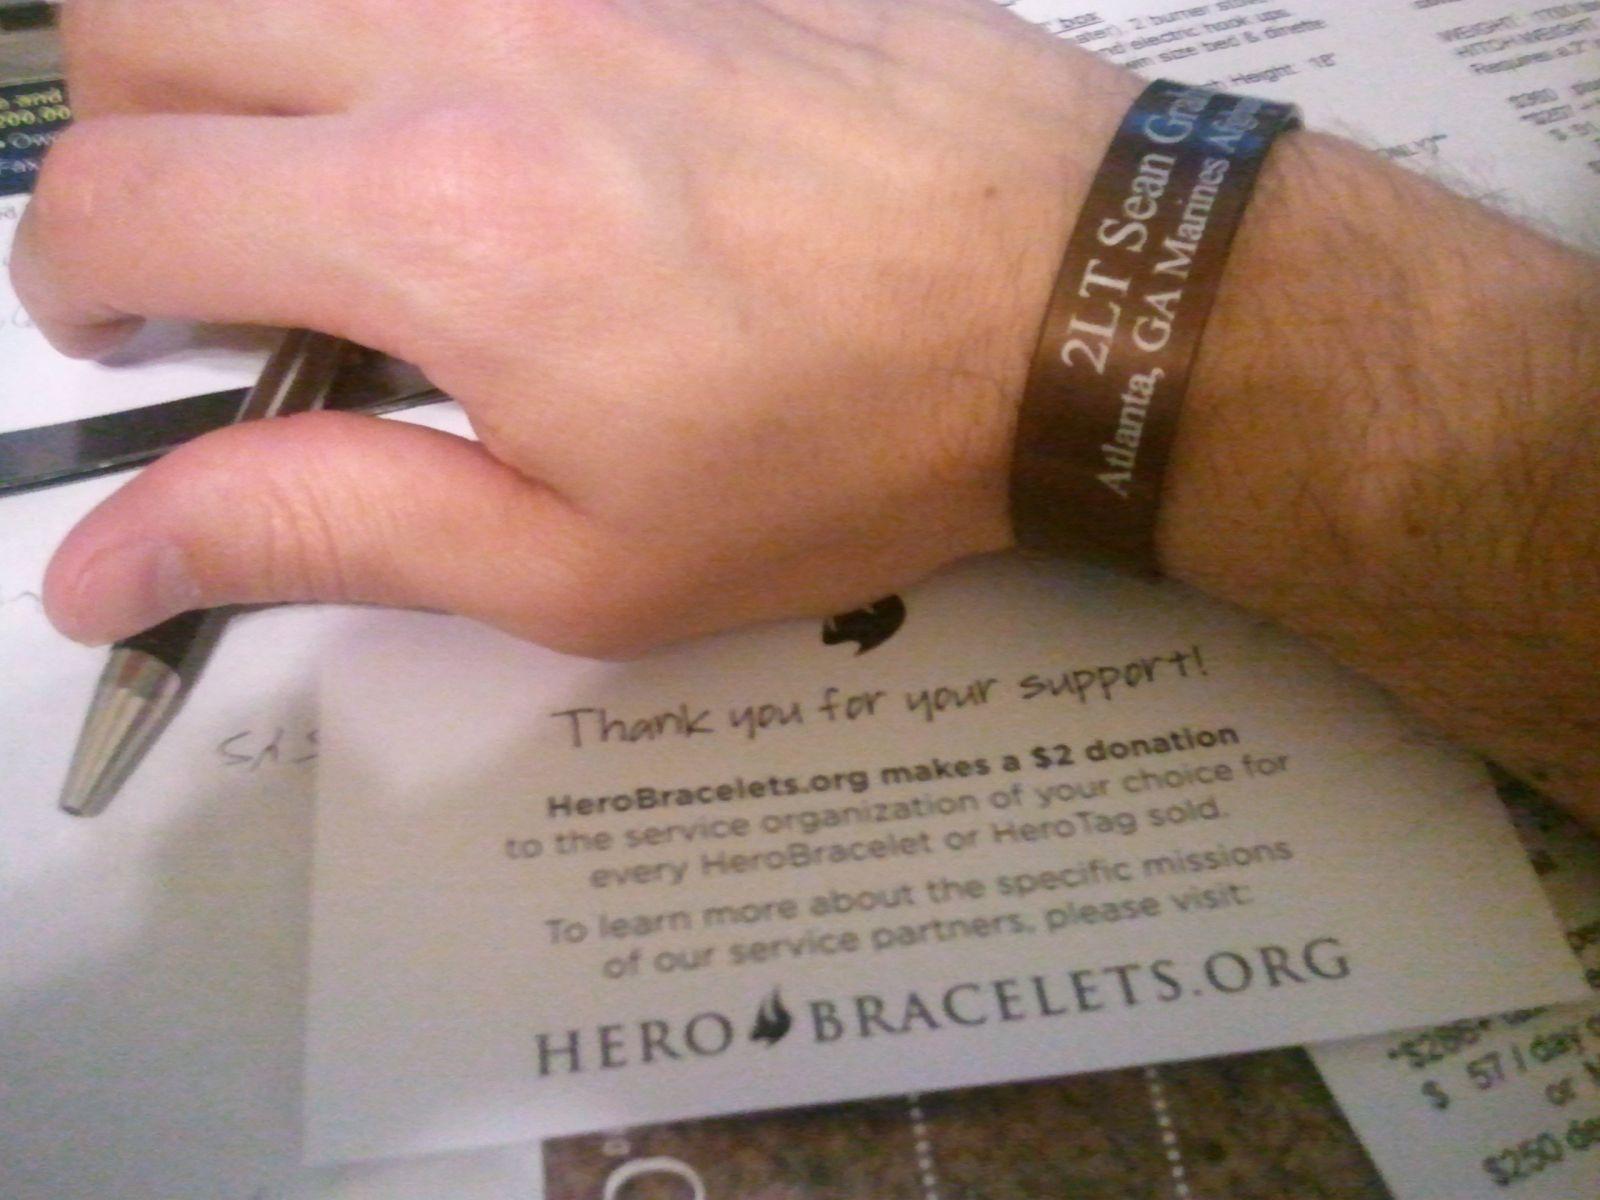 Hero Bracelet